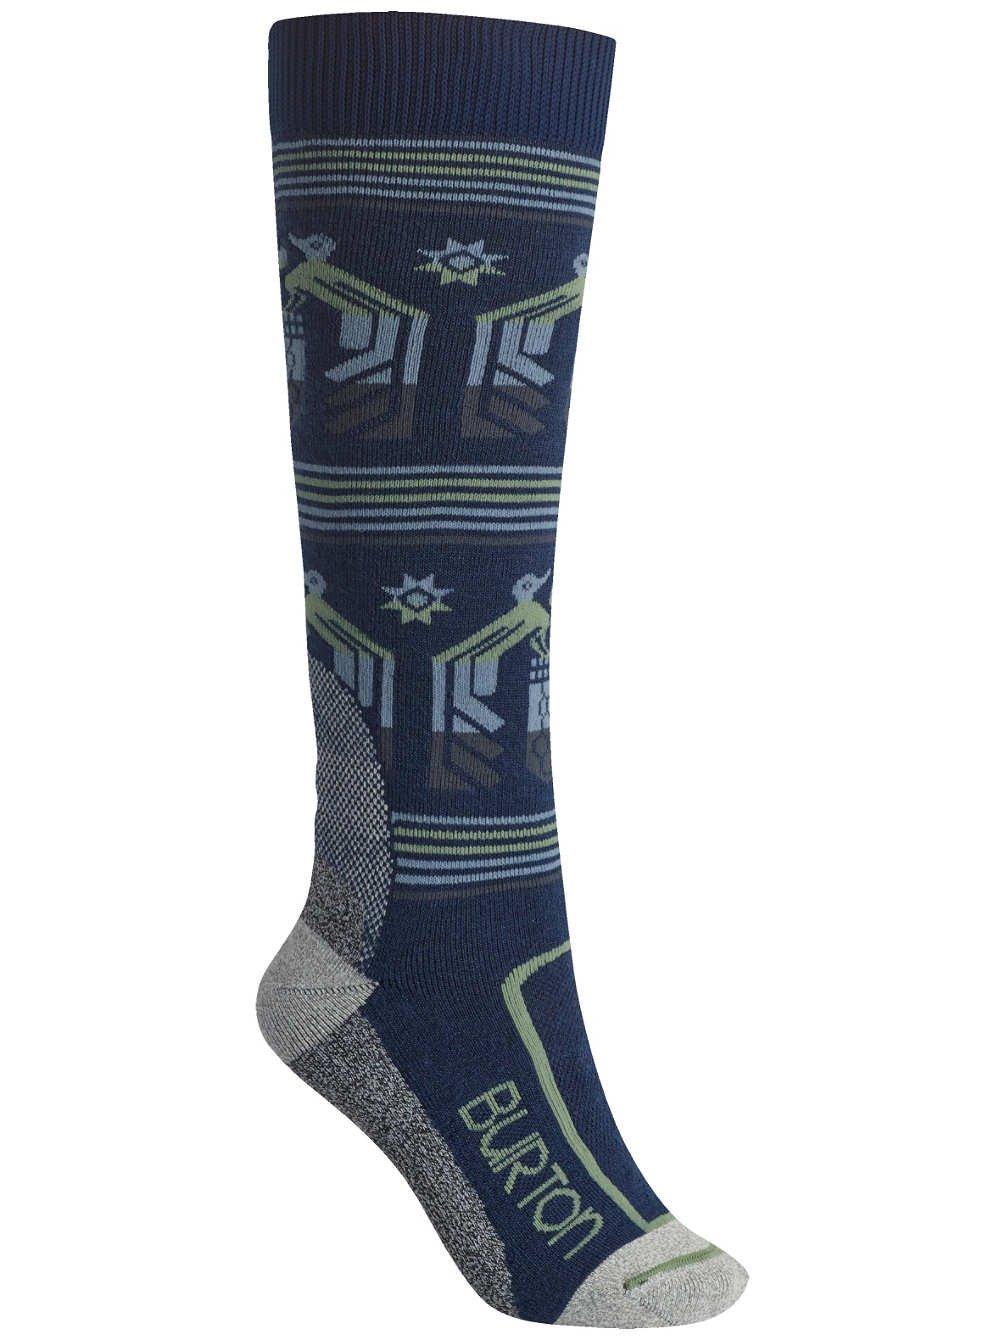 Burton Womens Trillium Snowboard Socks Jaded Size M/L 7-10 by Burton